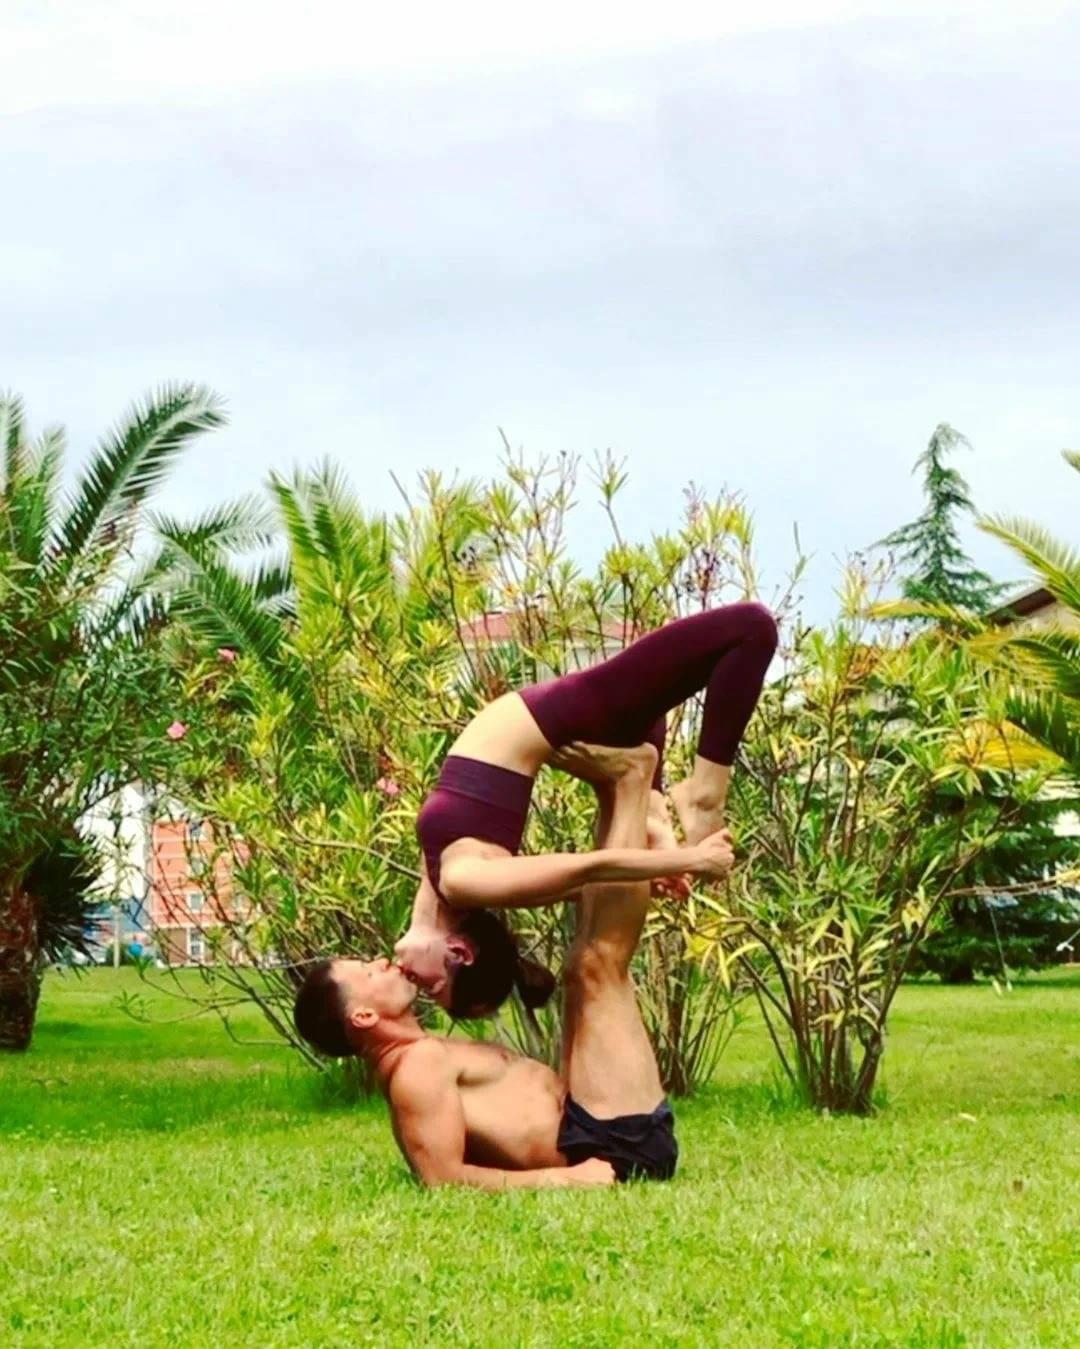 Крийя-йога что это такое и упражнения для начинающих, видео